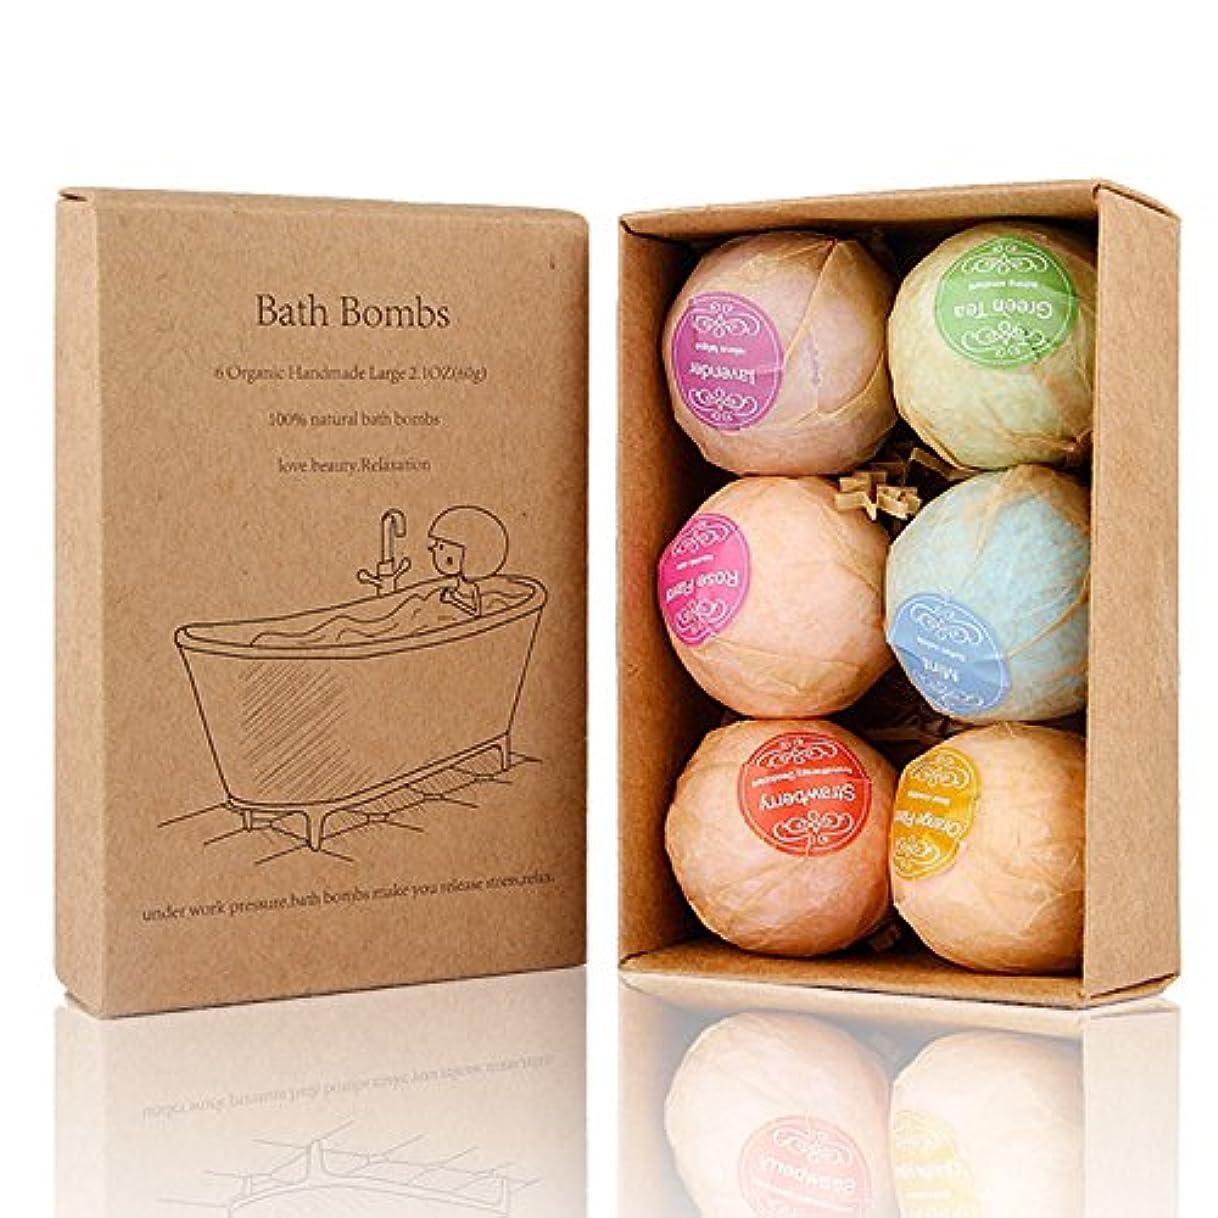 ダブル製作選挙Bath Bomb, 温泡 入浴剤 ギフトセット6個入り, Perfect for Bubble & Spa Bath Ultra Lush Bath Fizzies